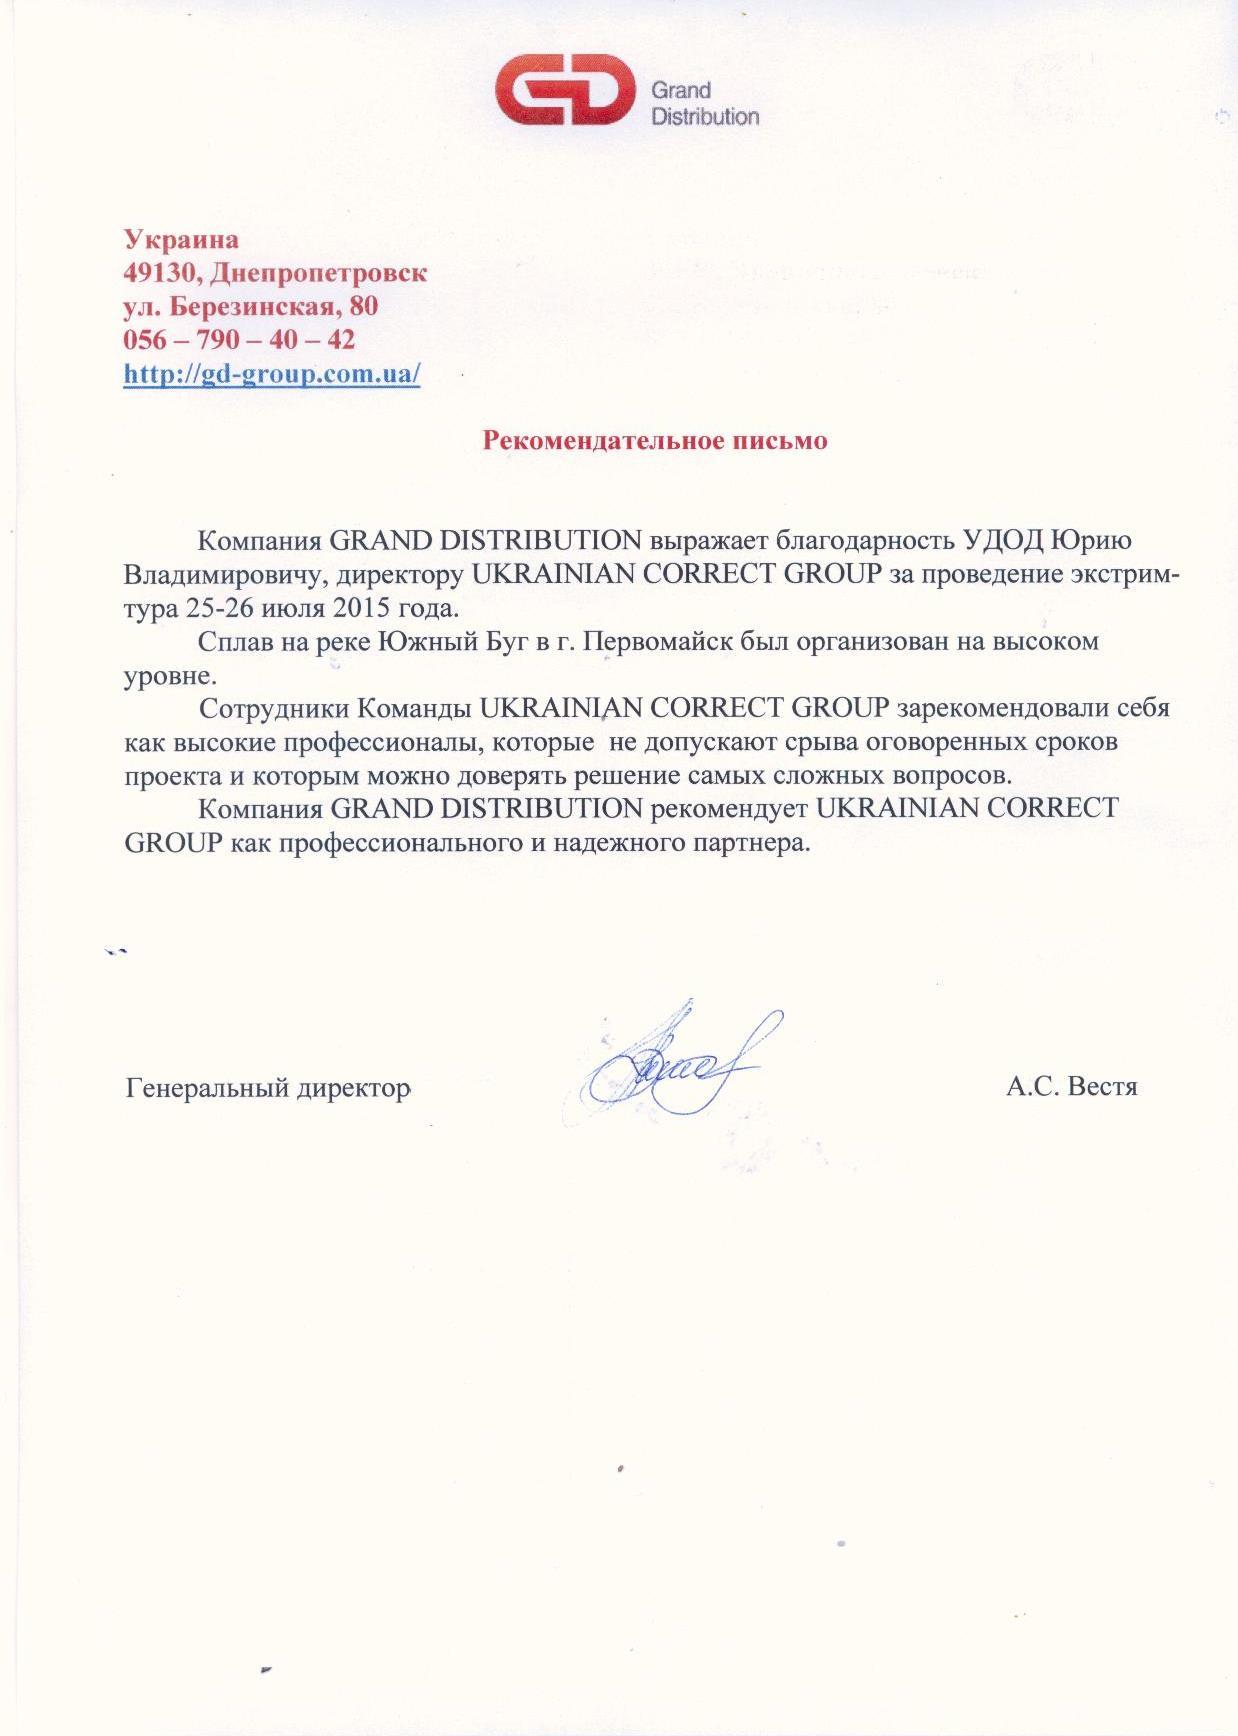 Рекомендация от Гранд Дистрибьюшн